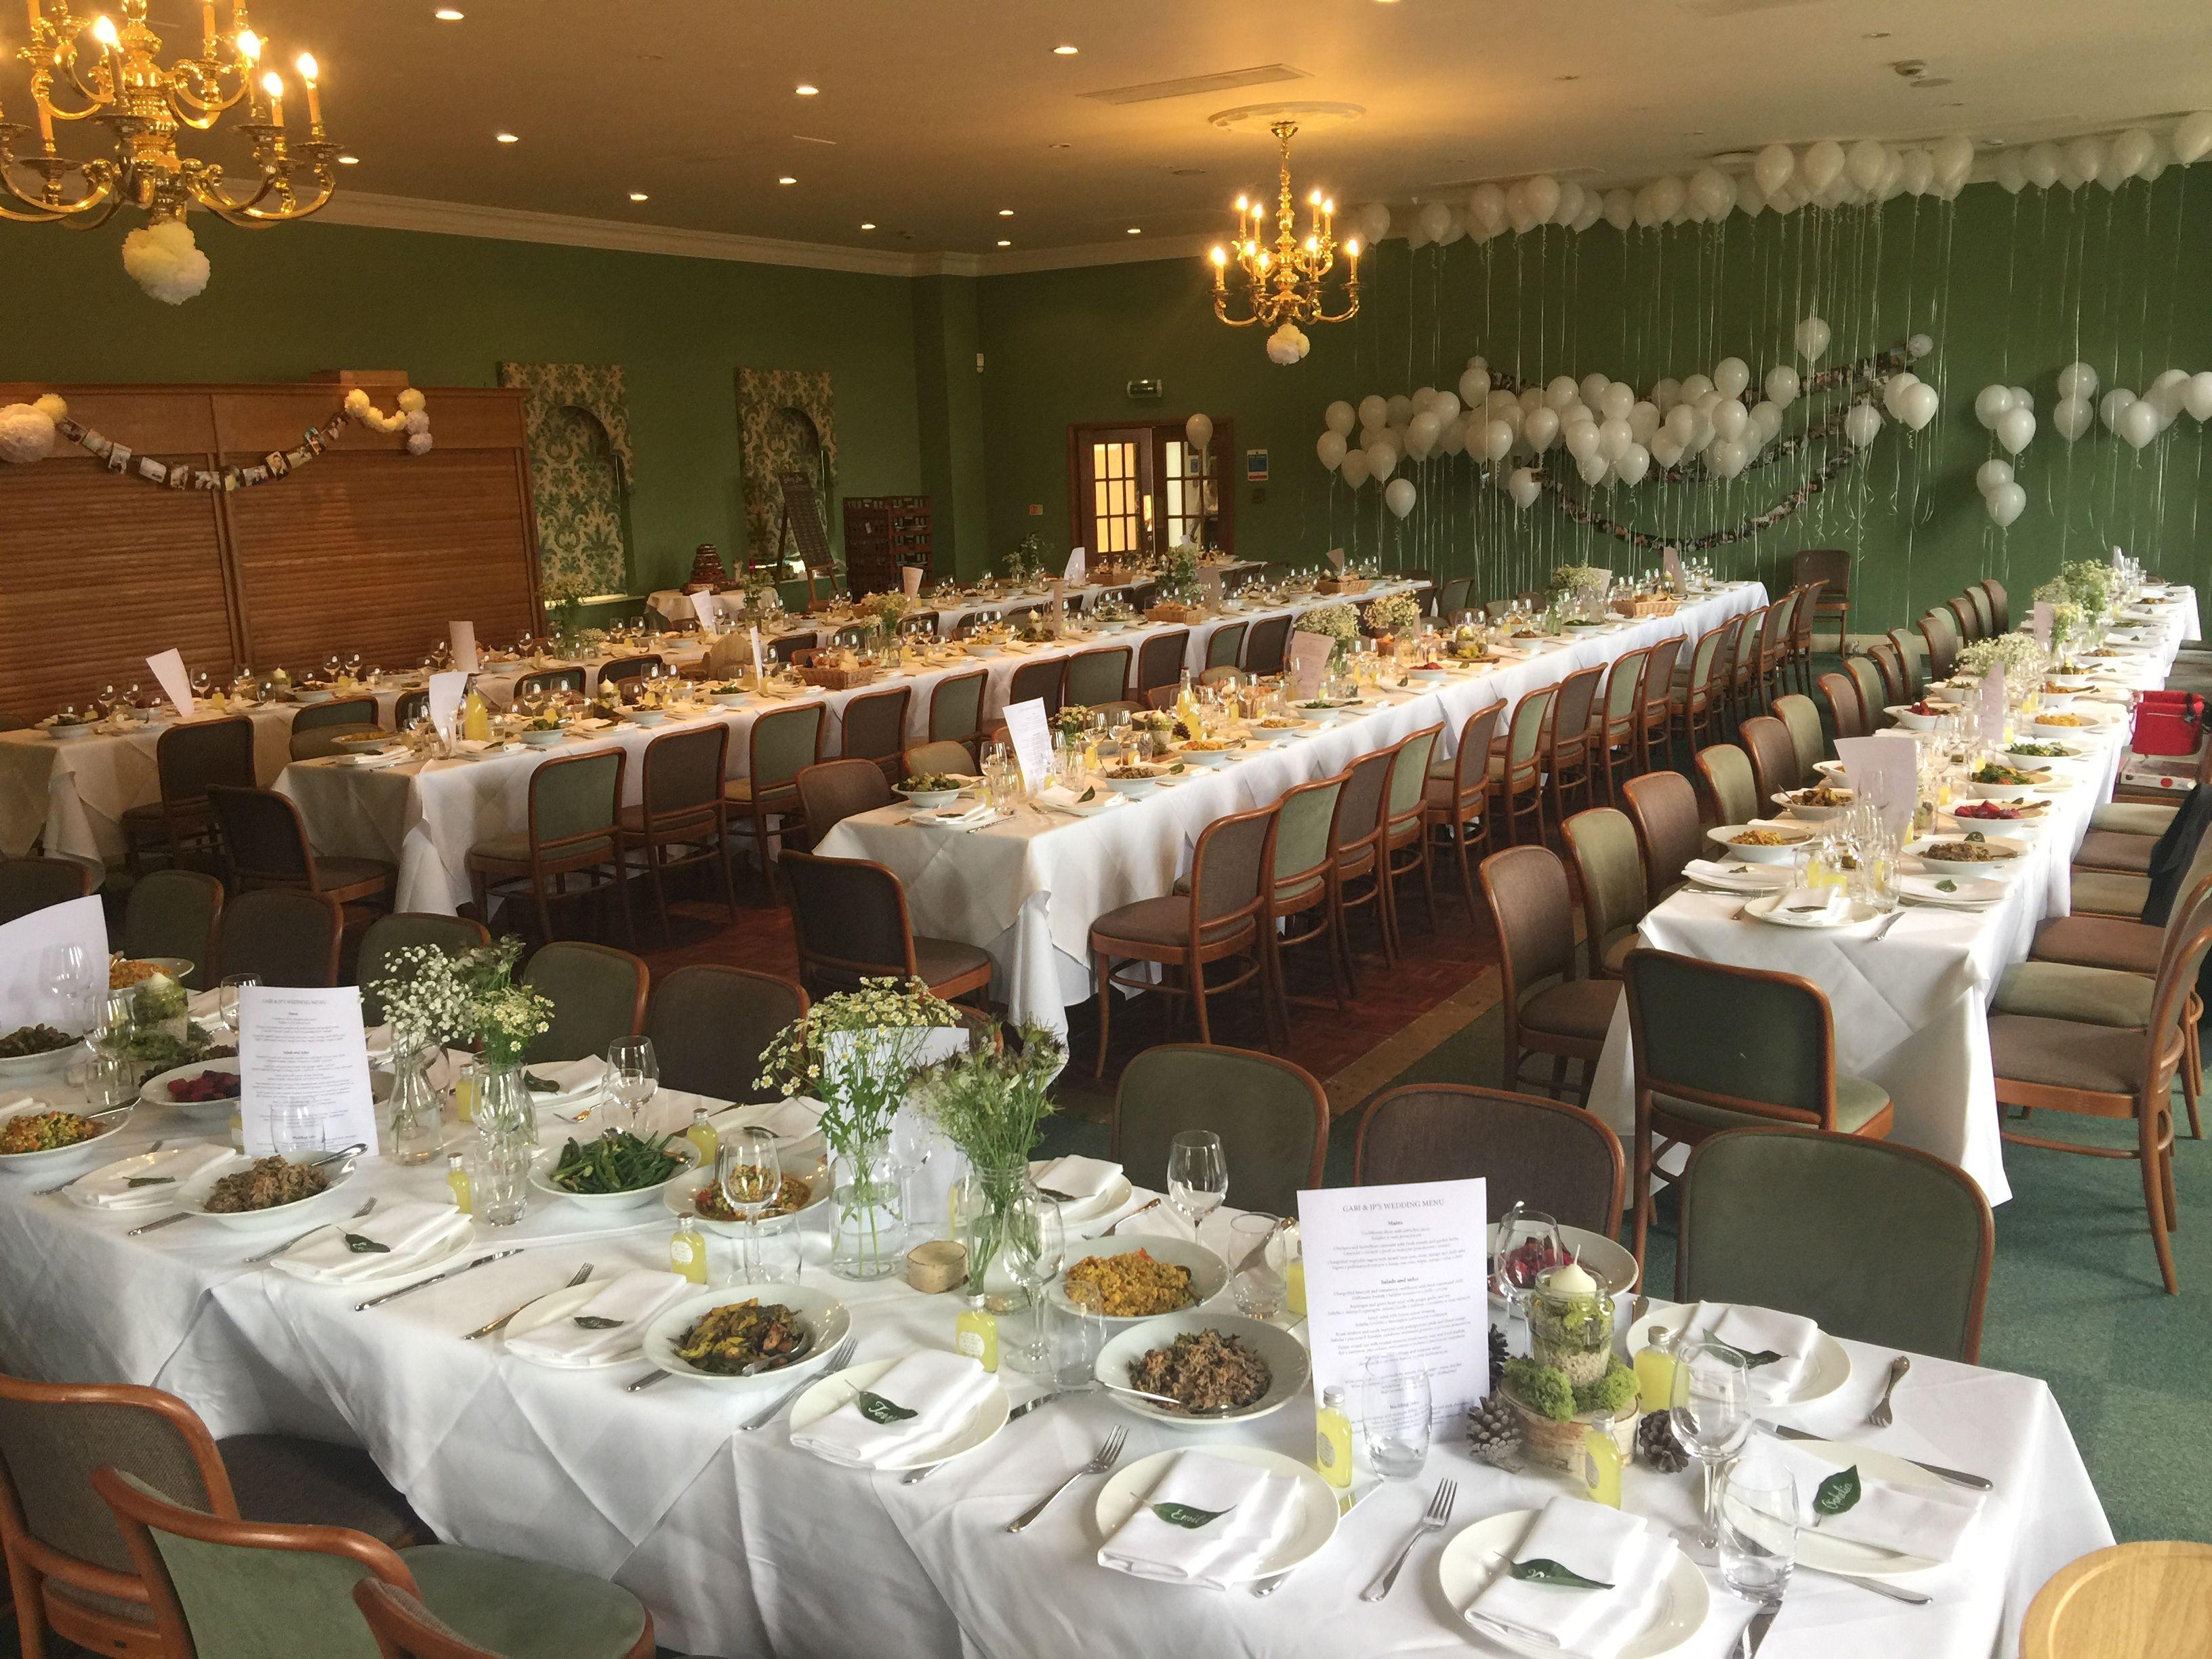 Stunning Banquet Style Wedding Breakfast